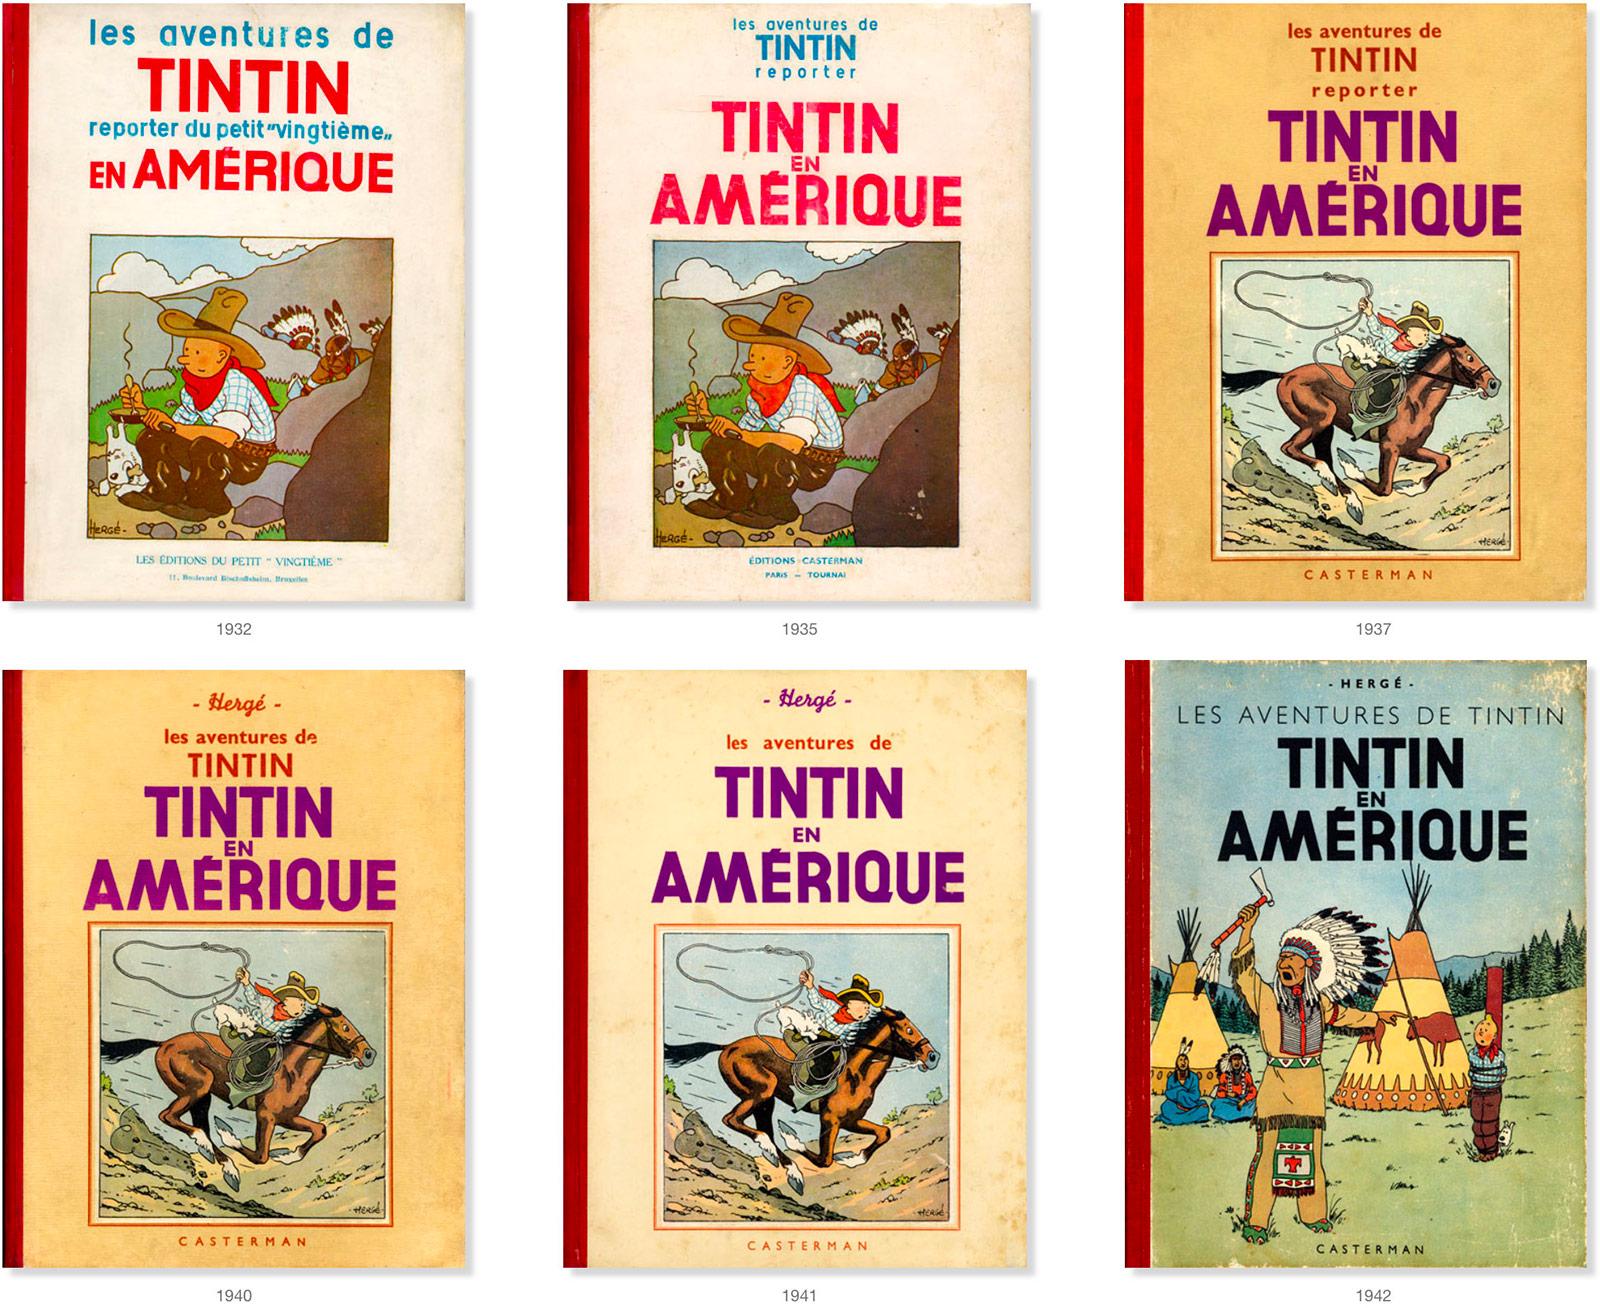 Les couvertures par années de l'album Tintin en Amérique